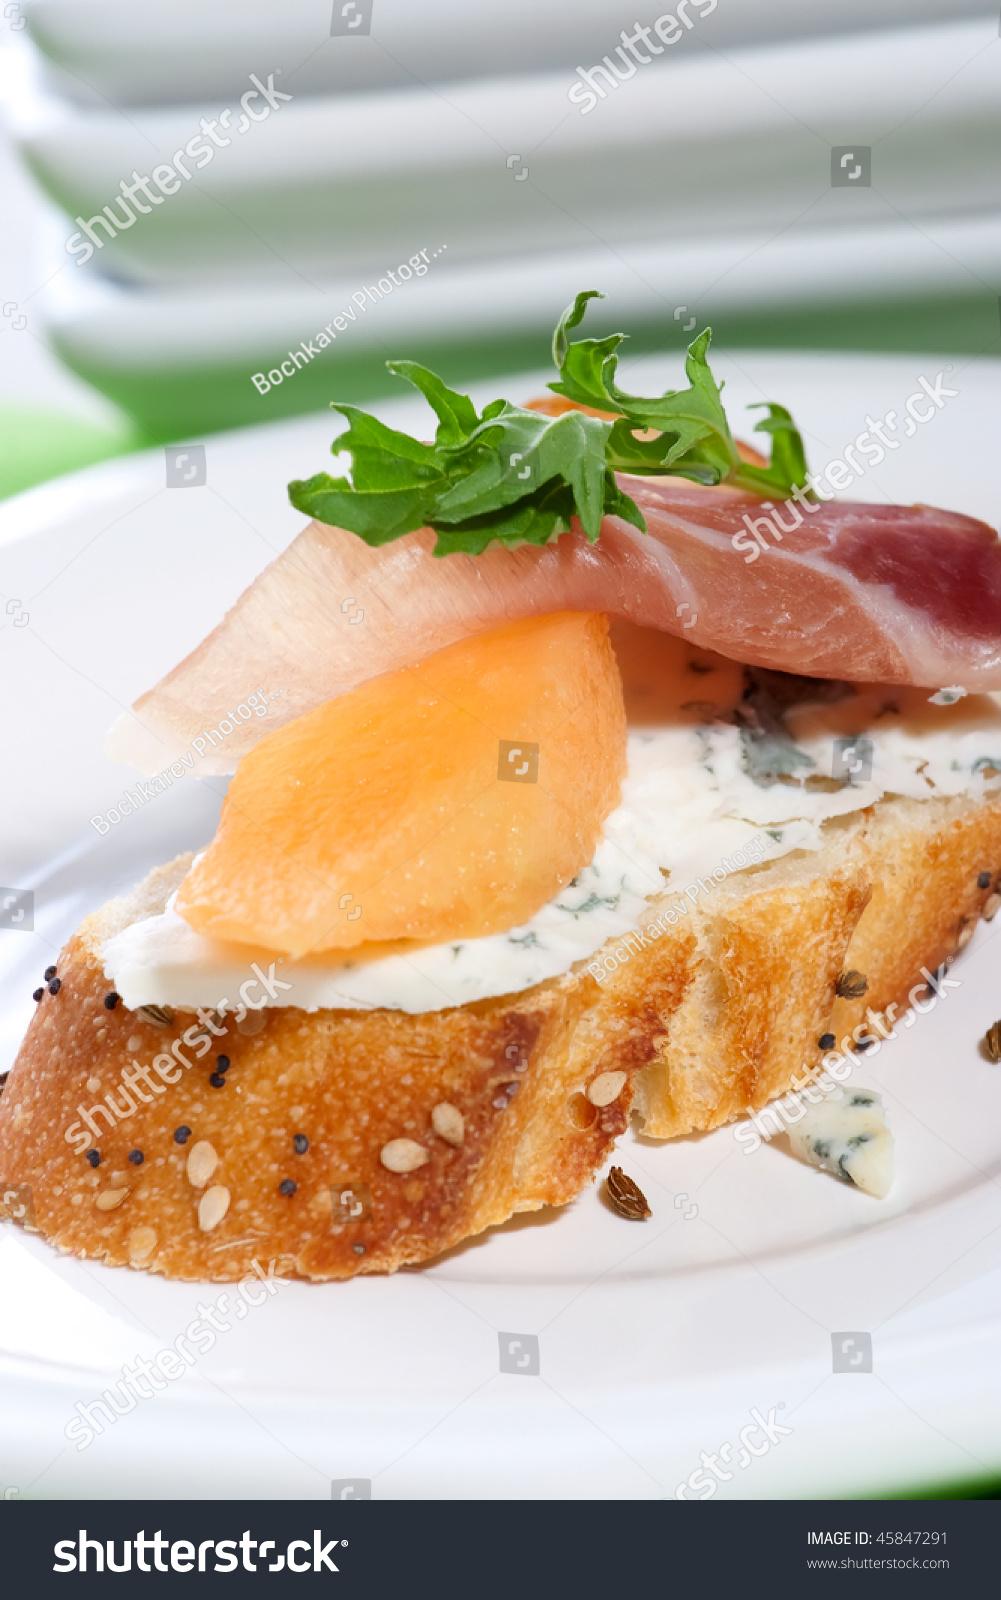 Closeup of delicious prosciutto canape sandwiche made from for Prosciutto canape